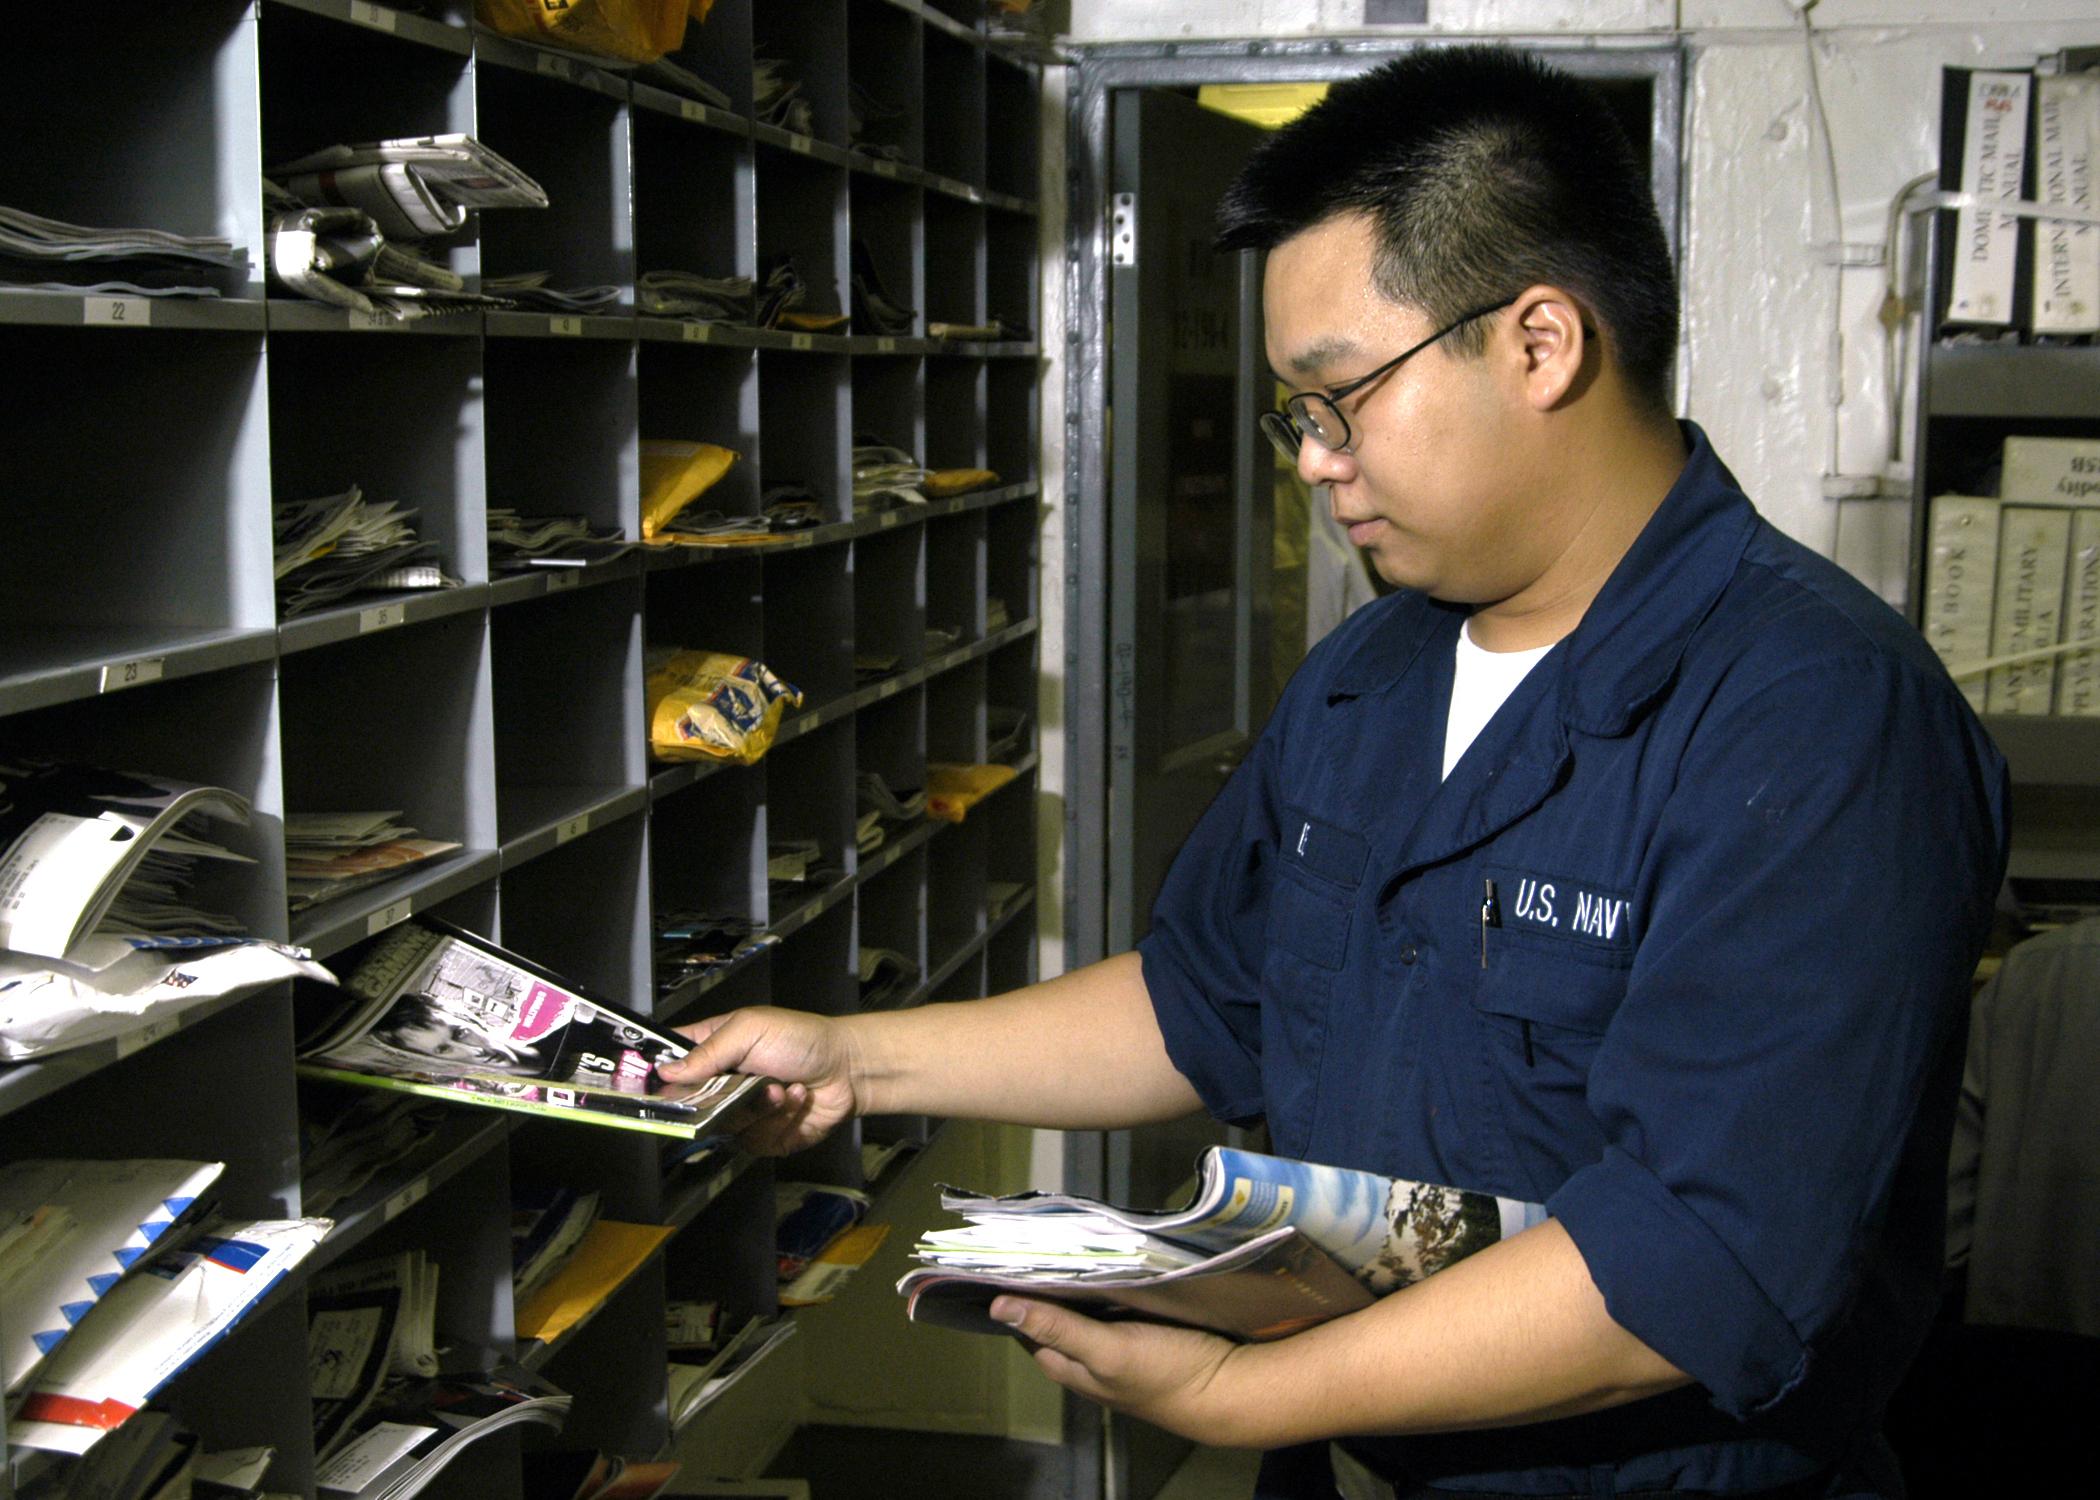 mail clerk info us